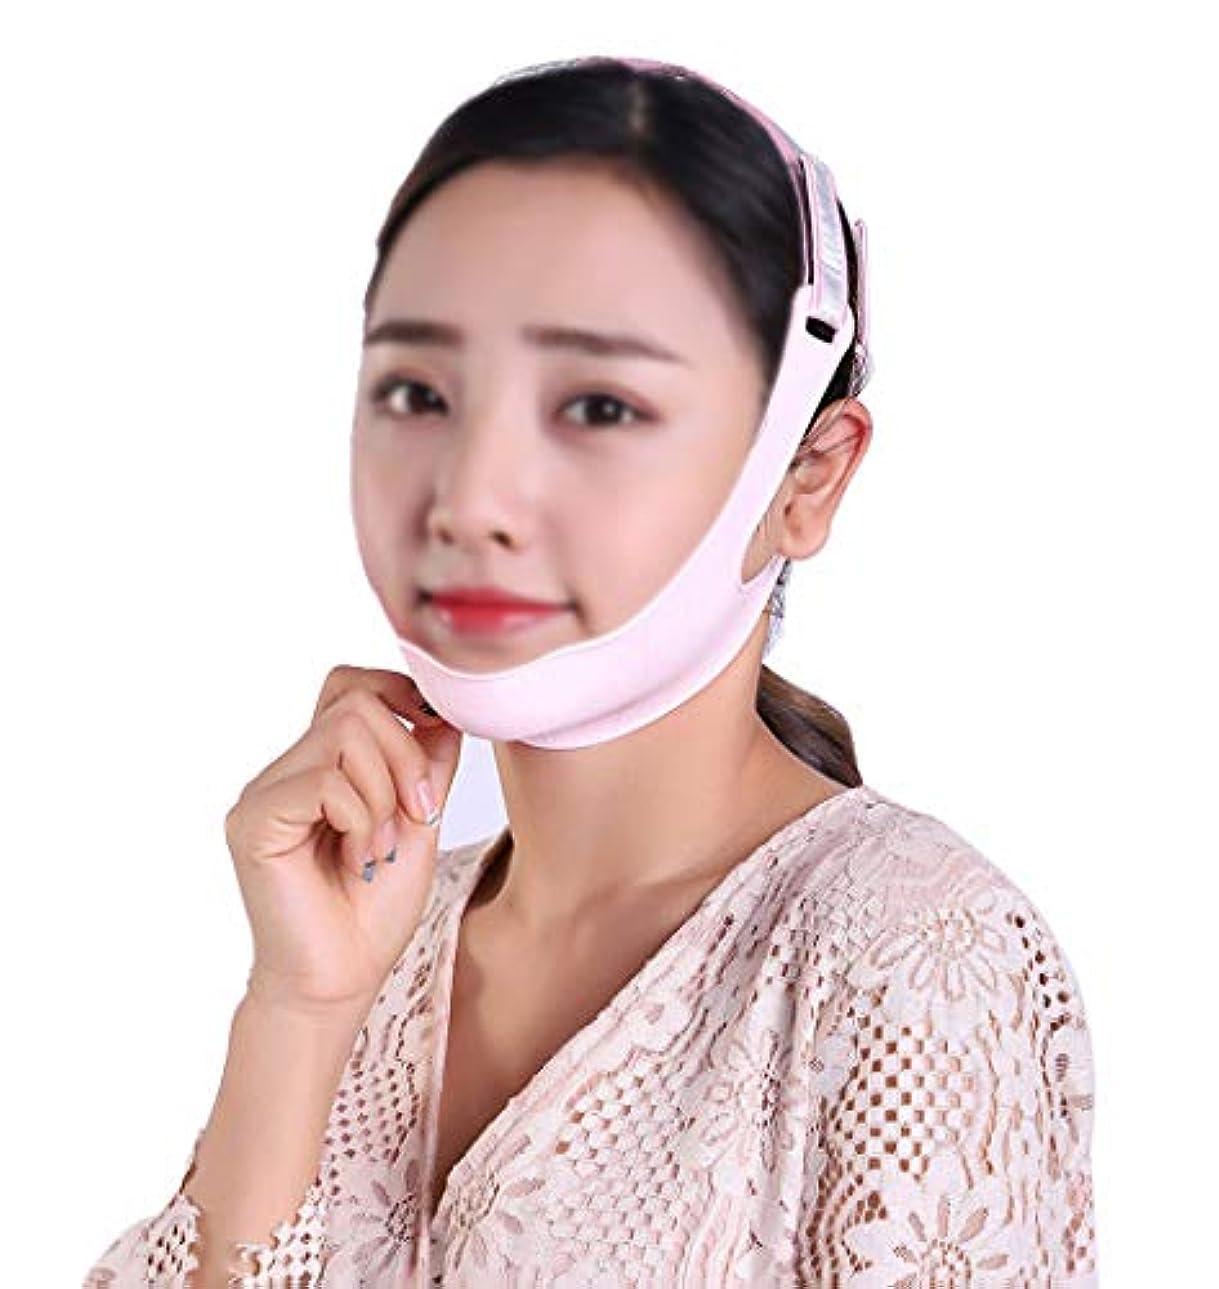 閉じるメドレーアデレードGLJJQMY フェイシャルリフティングマスクシリコンVマスク引き締めフェイシャル包帯スモールVフェイスアーティファクト防止リラクゼーションフェイシャル&ネックリフティング 顔用整形マスク (Size : L)